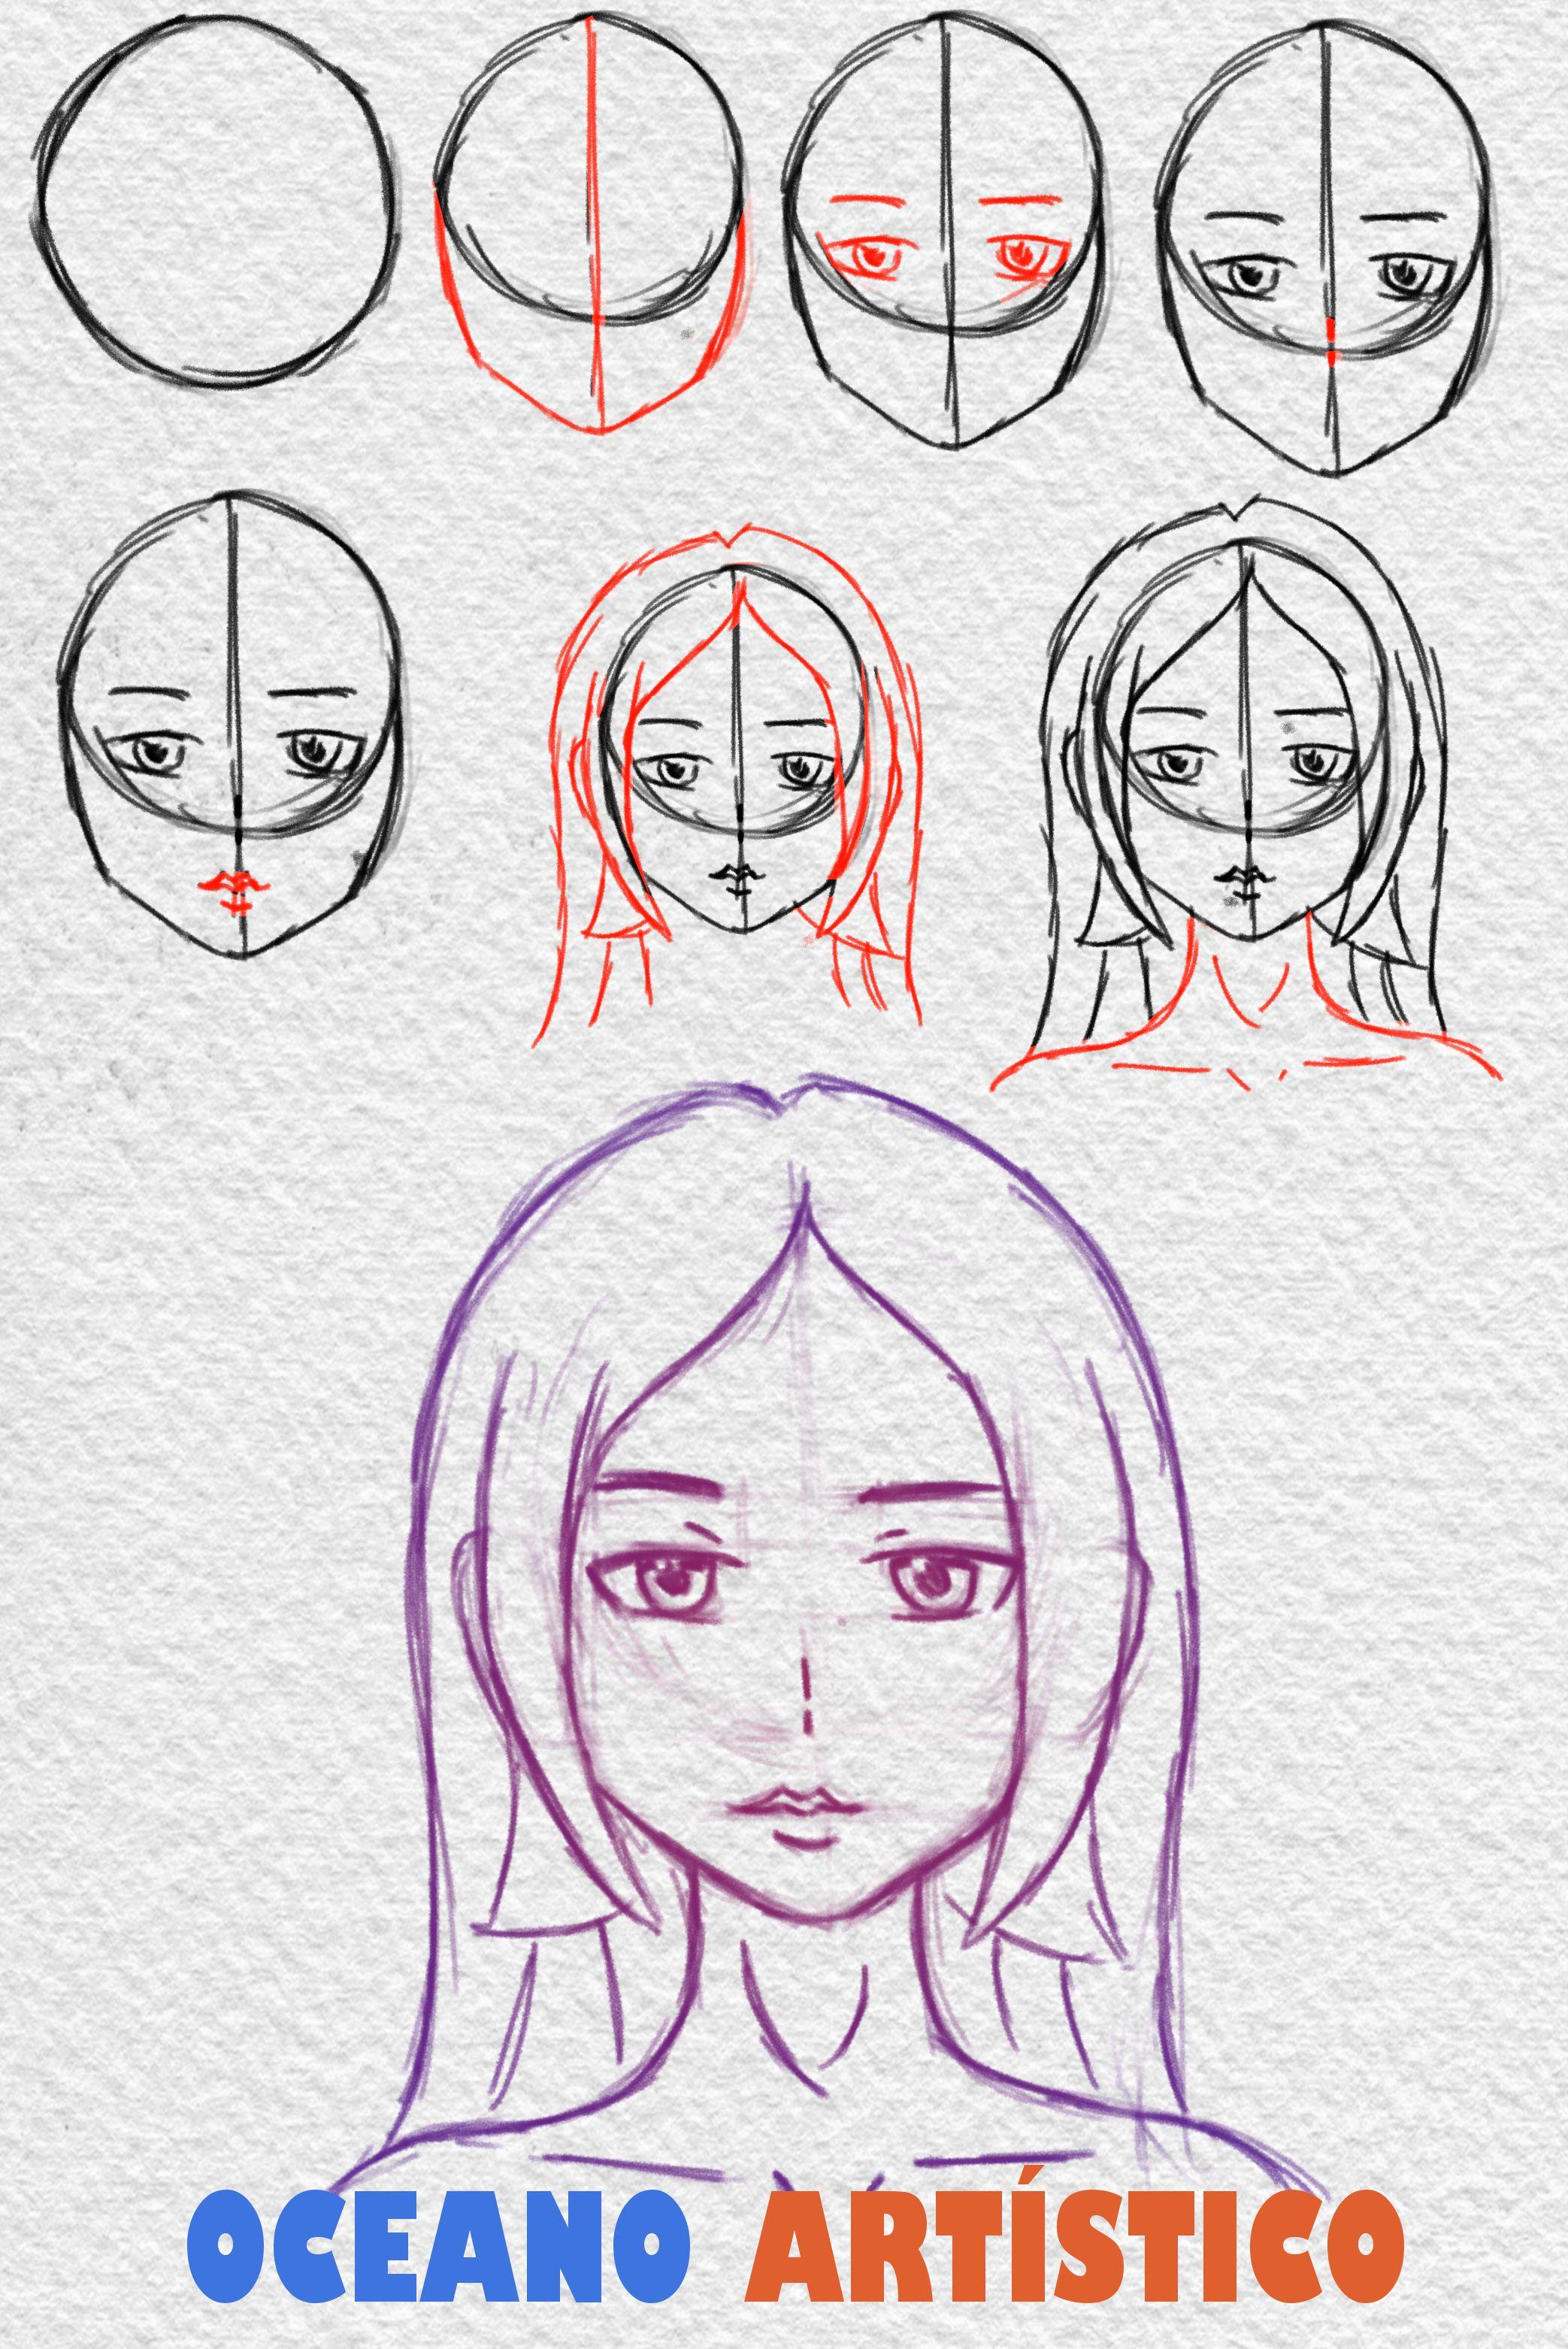 Como Desenhar Rosto De Anime Feminino De Frente Passo A Passo Em 2020 Desenhos De Rostos Desenho De Rosto Simples Desenho De Rosto